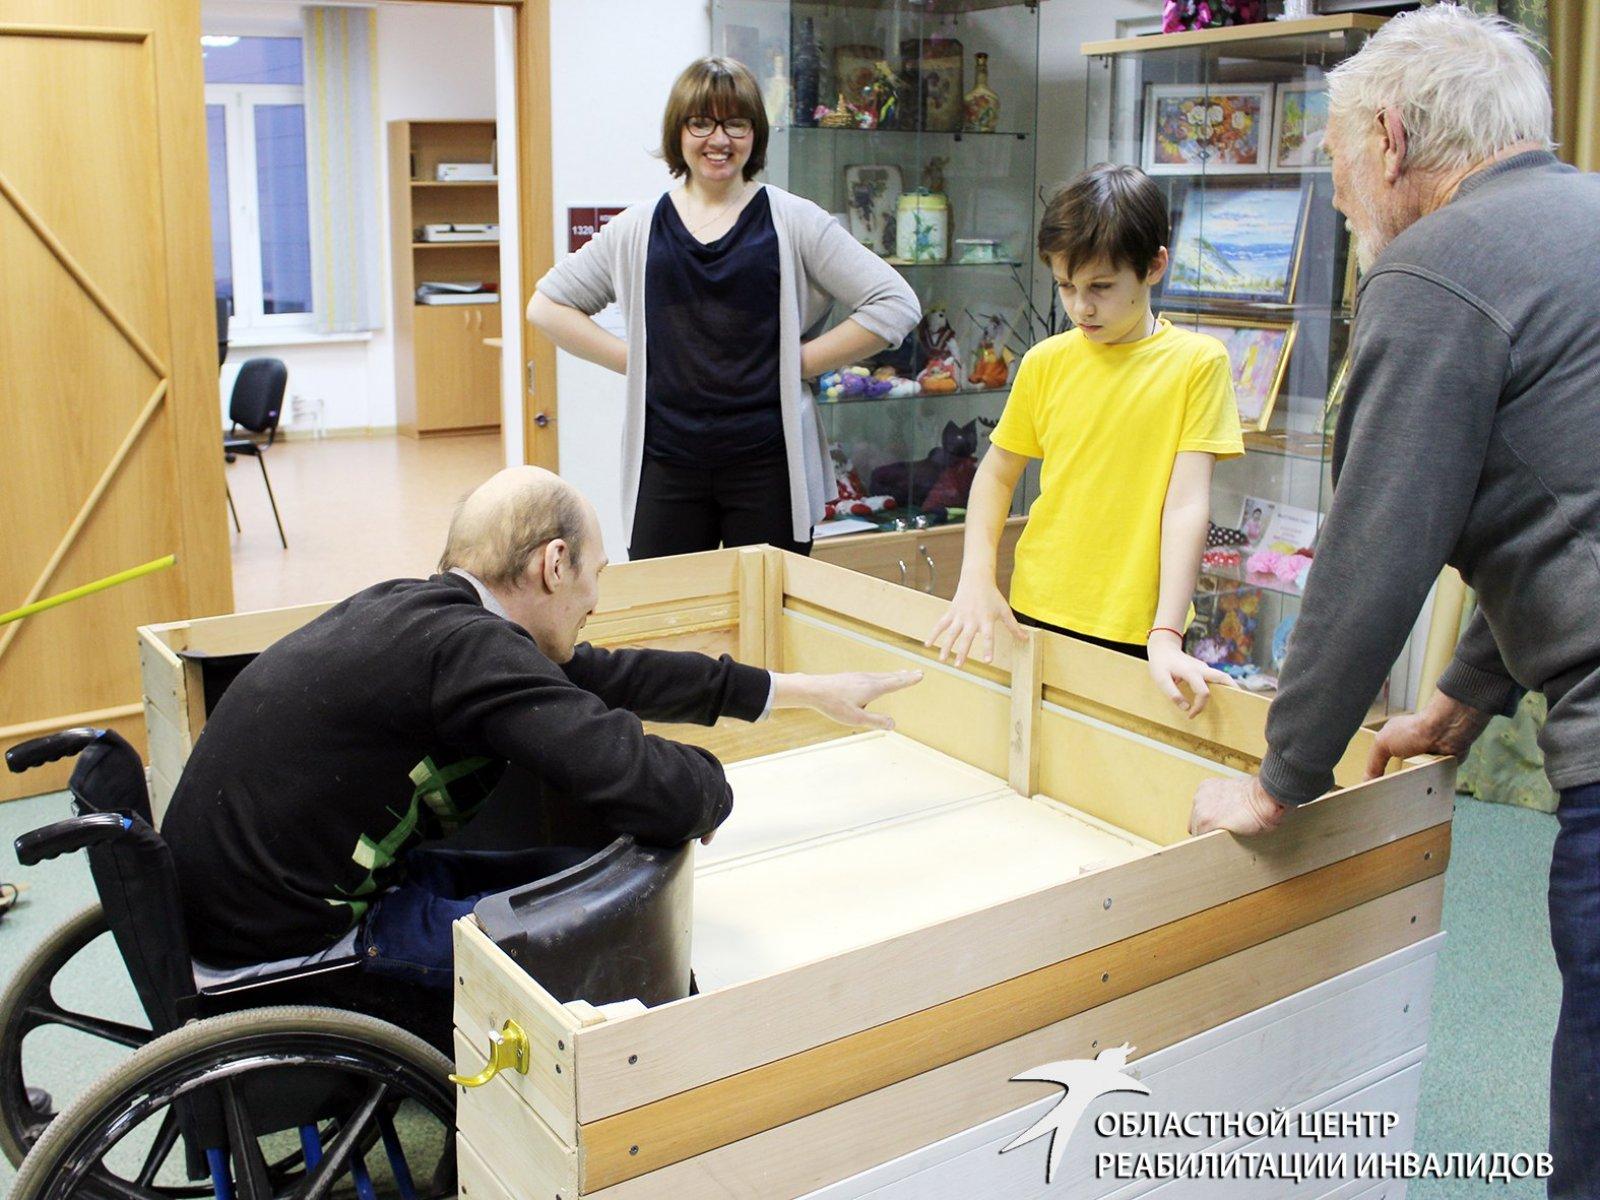 10-летний мальчик презентовал проект мобильной клумбы для инвалидов-колясочников